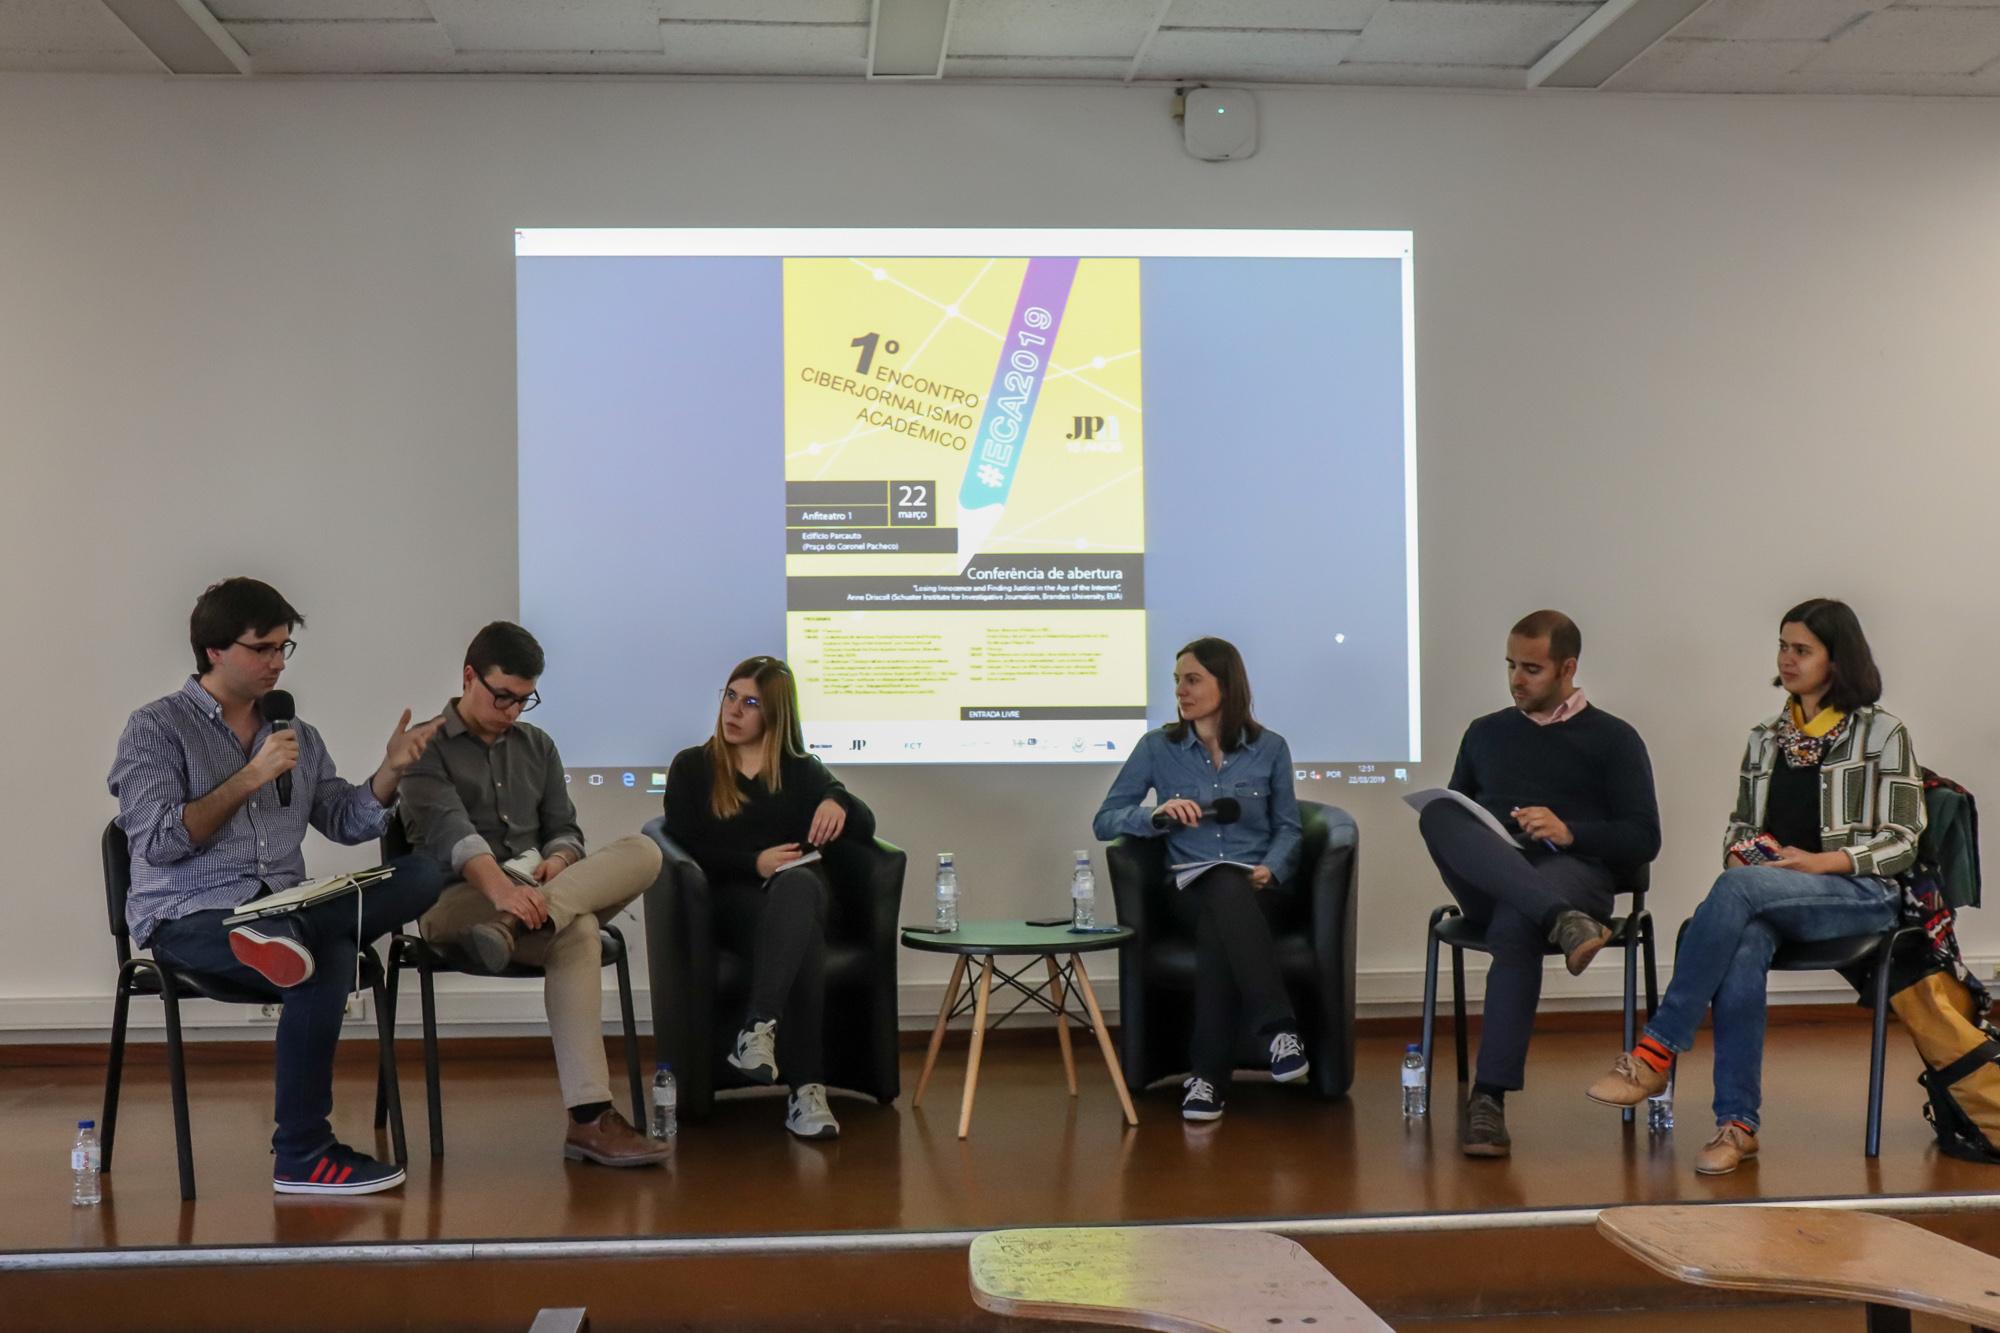 """O debate """"Como melhorar o ciberjornalismo académico feito em Portugal?"""" abordou as potencialidades e fraquezas dos cibermeios."""